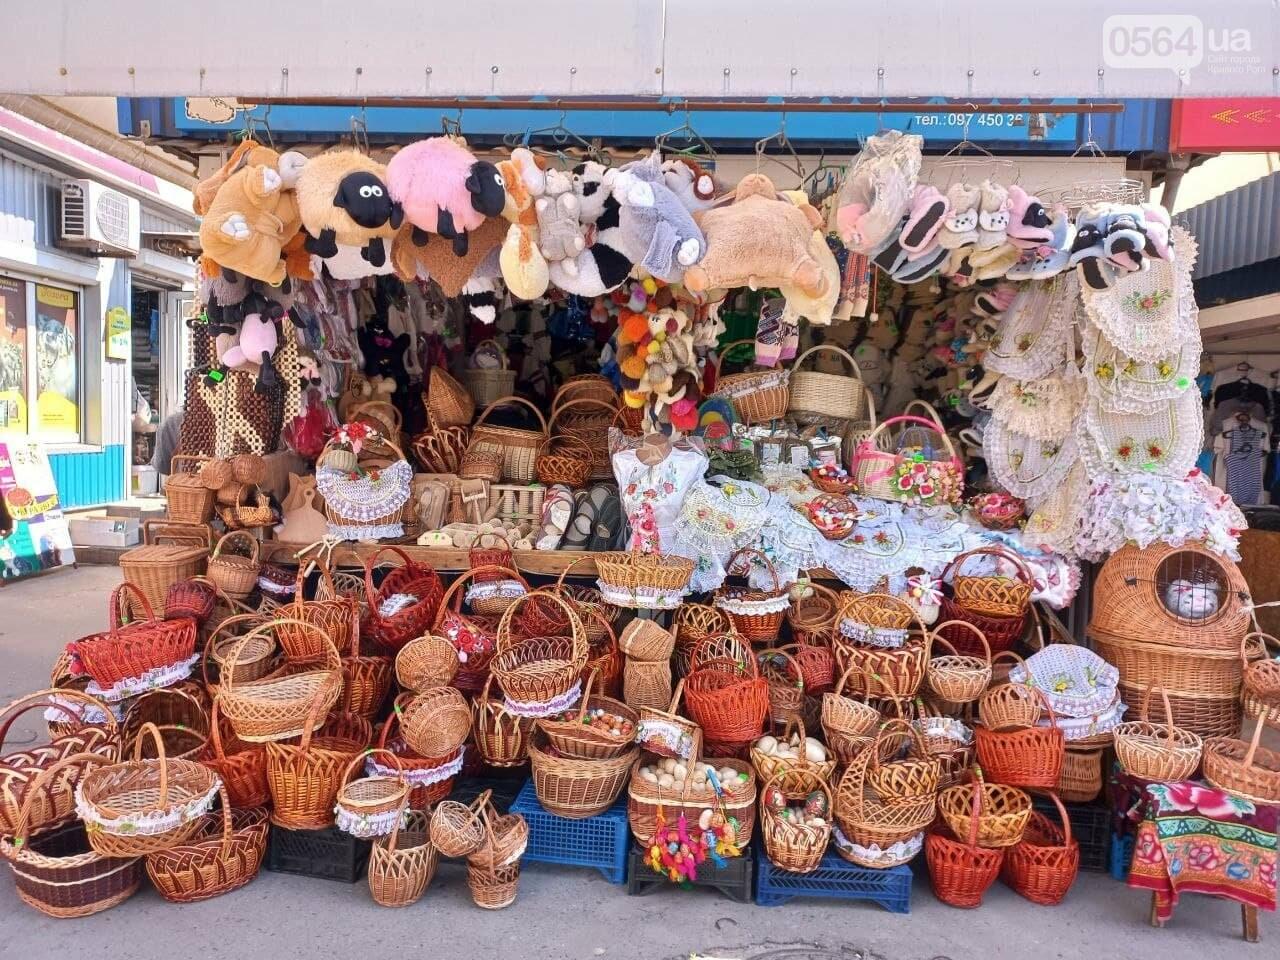 Пасхальная корзина 2021: сколько стоит традиционный праздничный набор продуктов в Кривом Роге, - ФОТО, фото-12